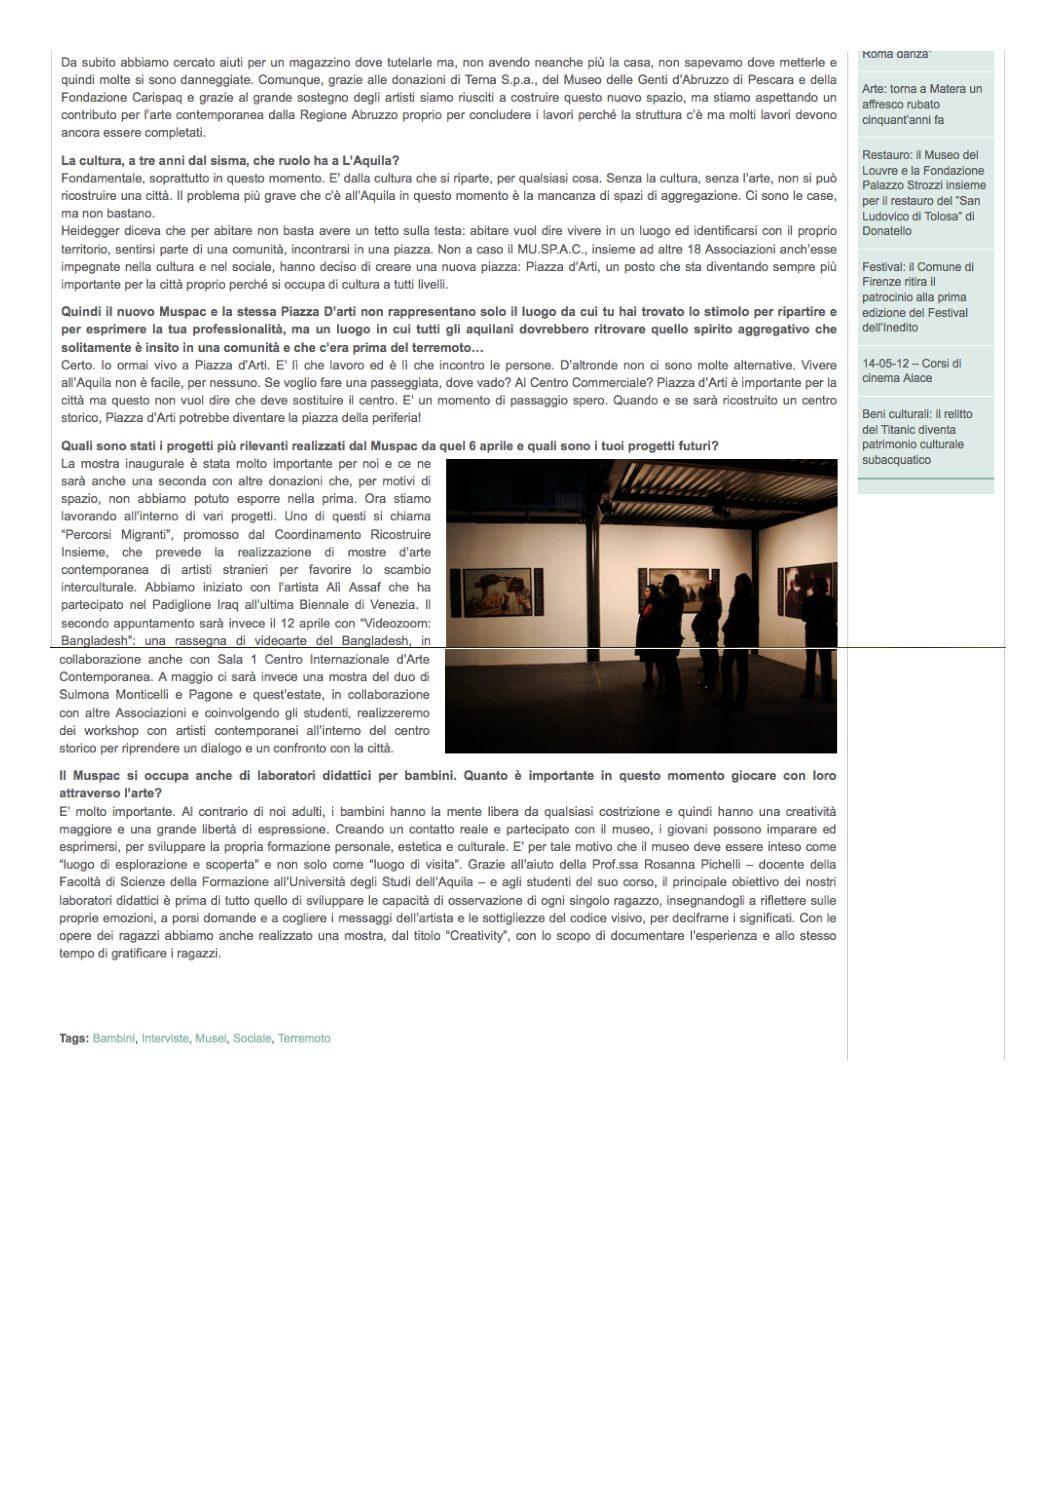 TAFTER_Un museo, una piazza, l'aquila rinasce dalla cultura_06_04_2012 (trascinato) 2